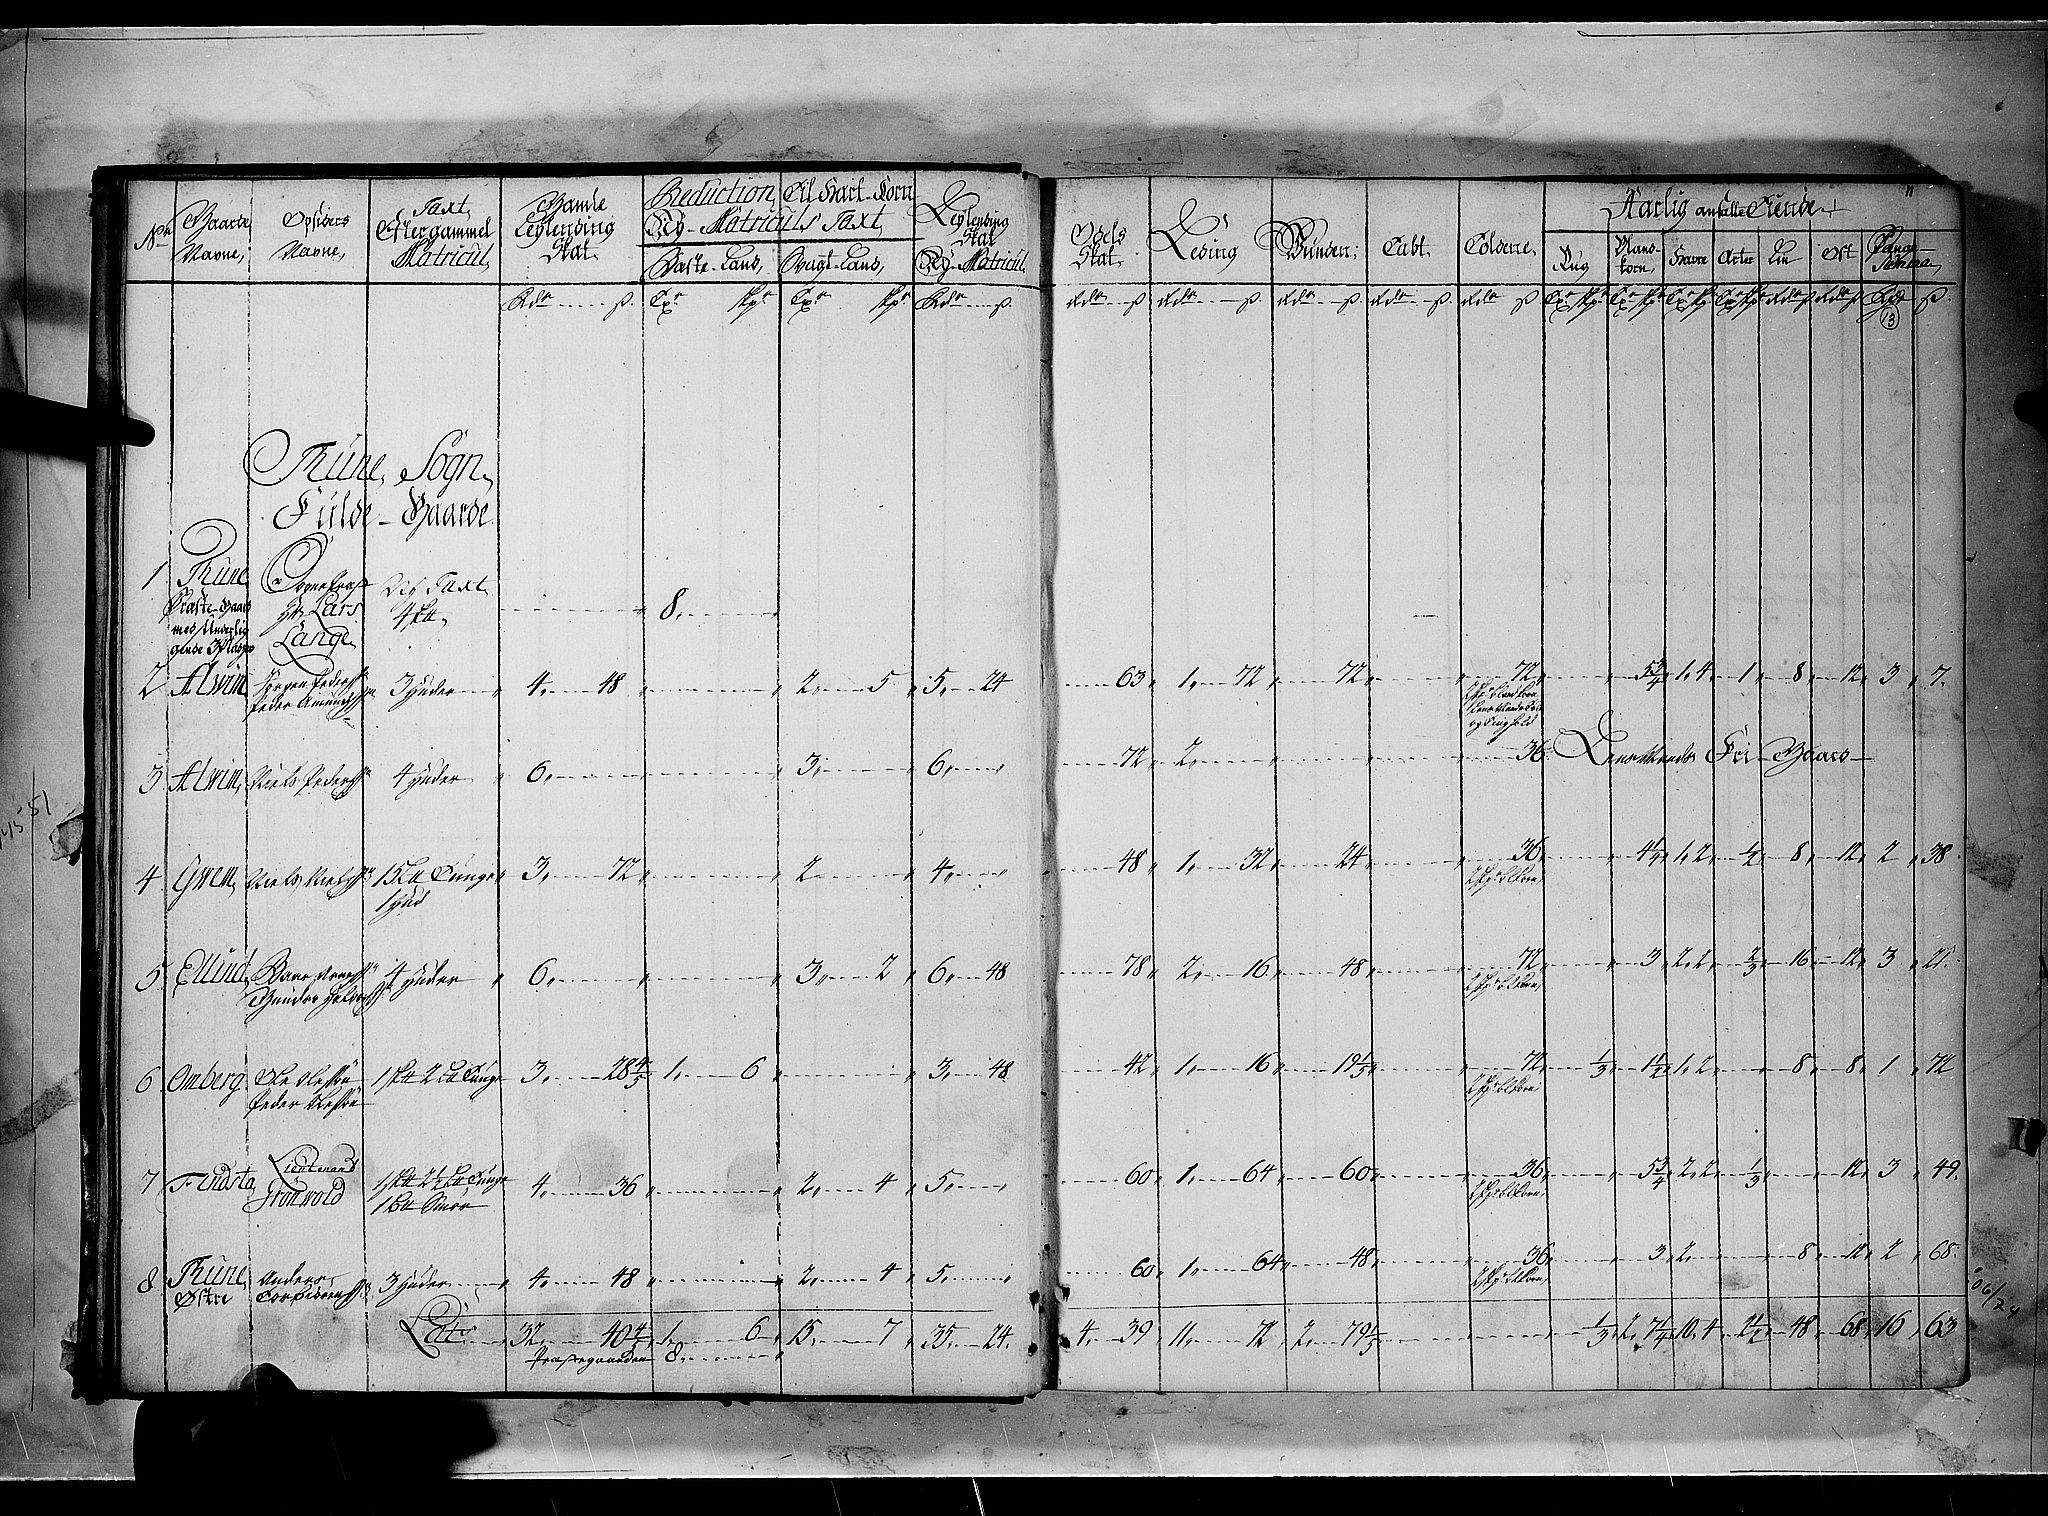 RA, Rentekammeret inntil 1814, Realistisk ordnet avdeling, N/Nb/Nbf/L0096: Moss, Onsøy, Tune og Veme matrikkelprotokoll, 1723, s. 10b-11a